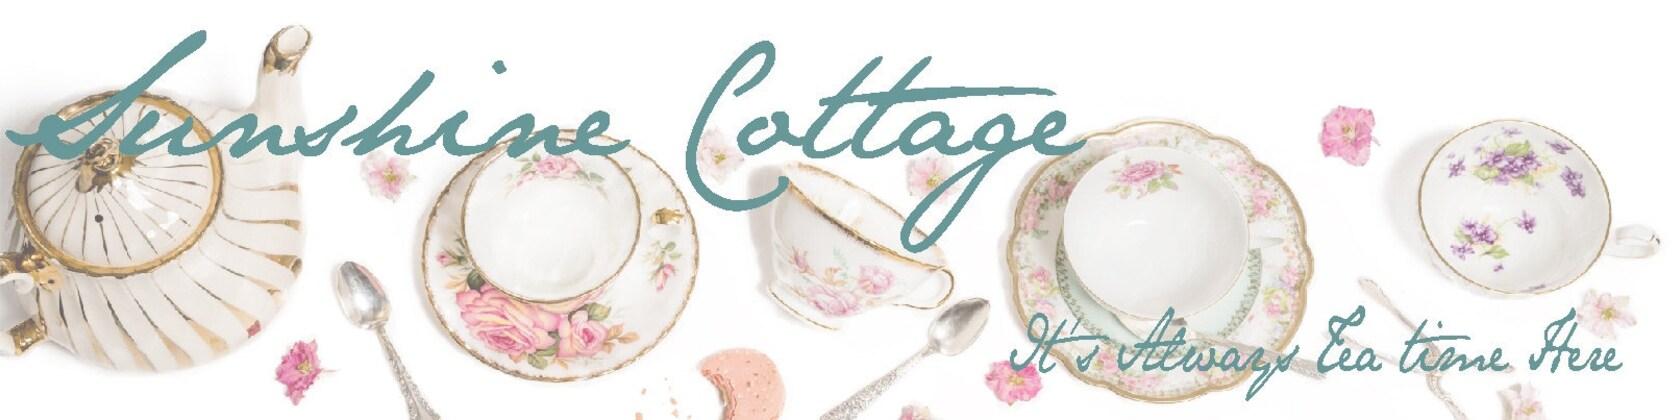 Loose Leaf Tea Cozies Tea Party Favors Tea von SunshineCottage